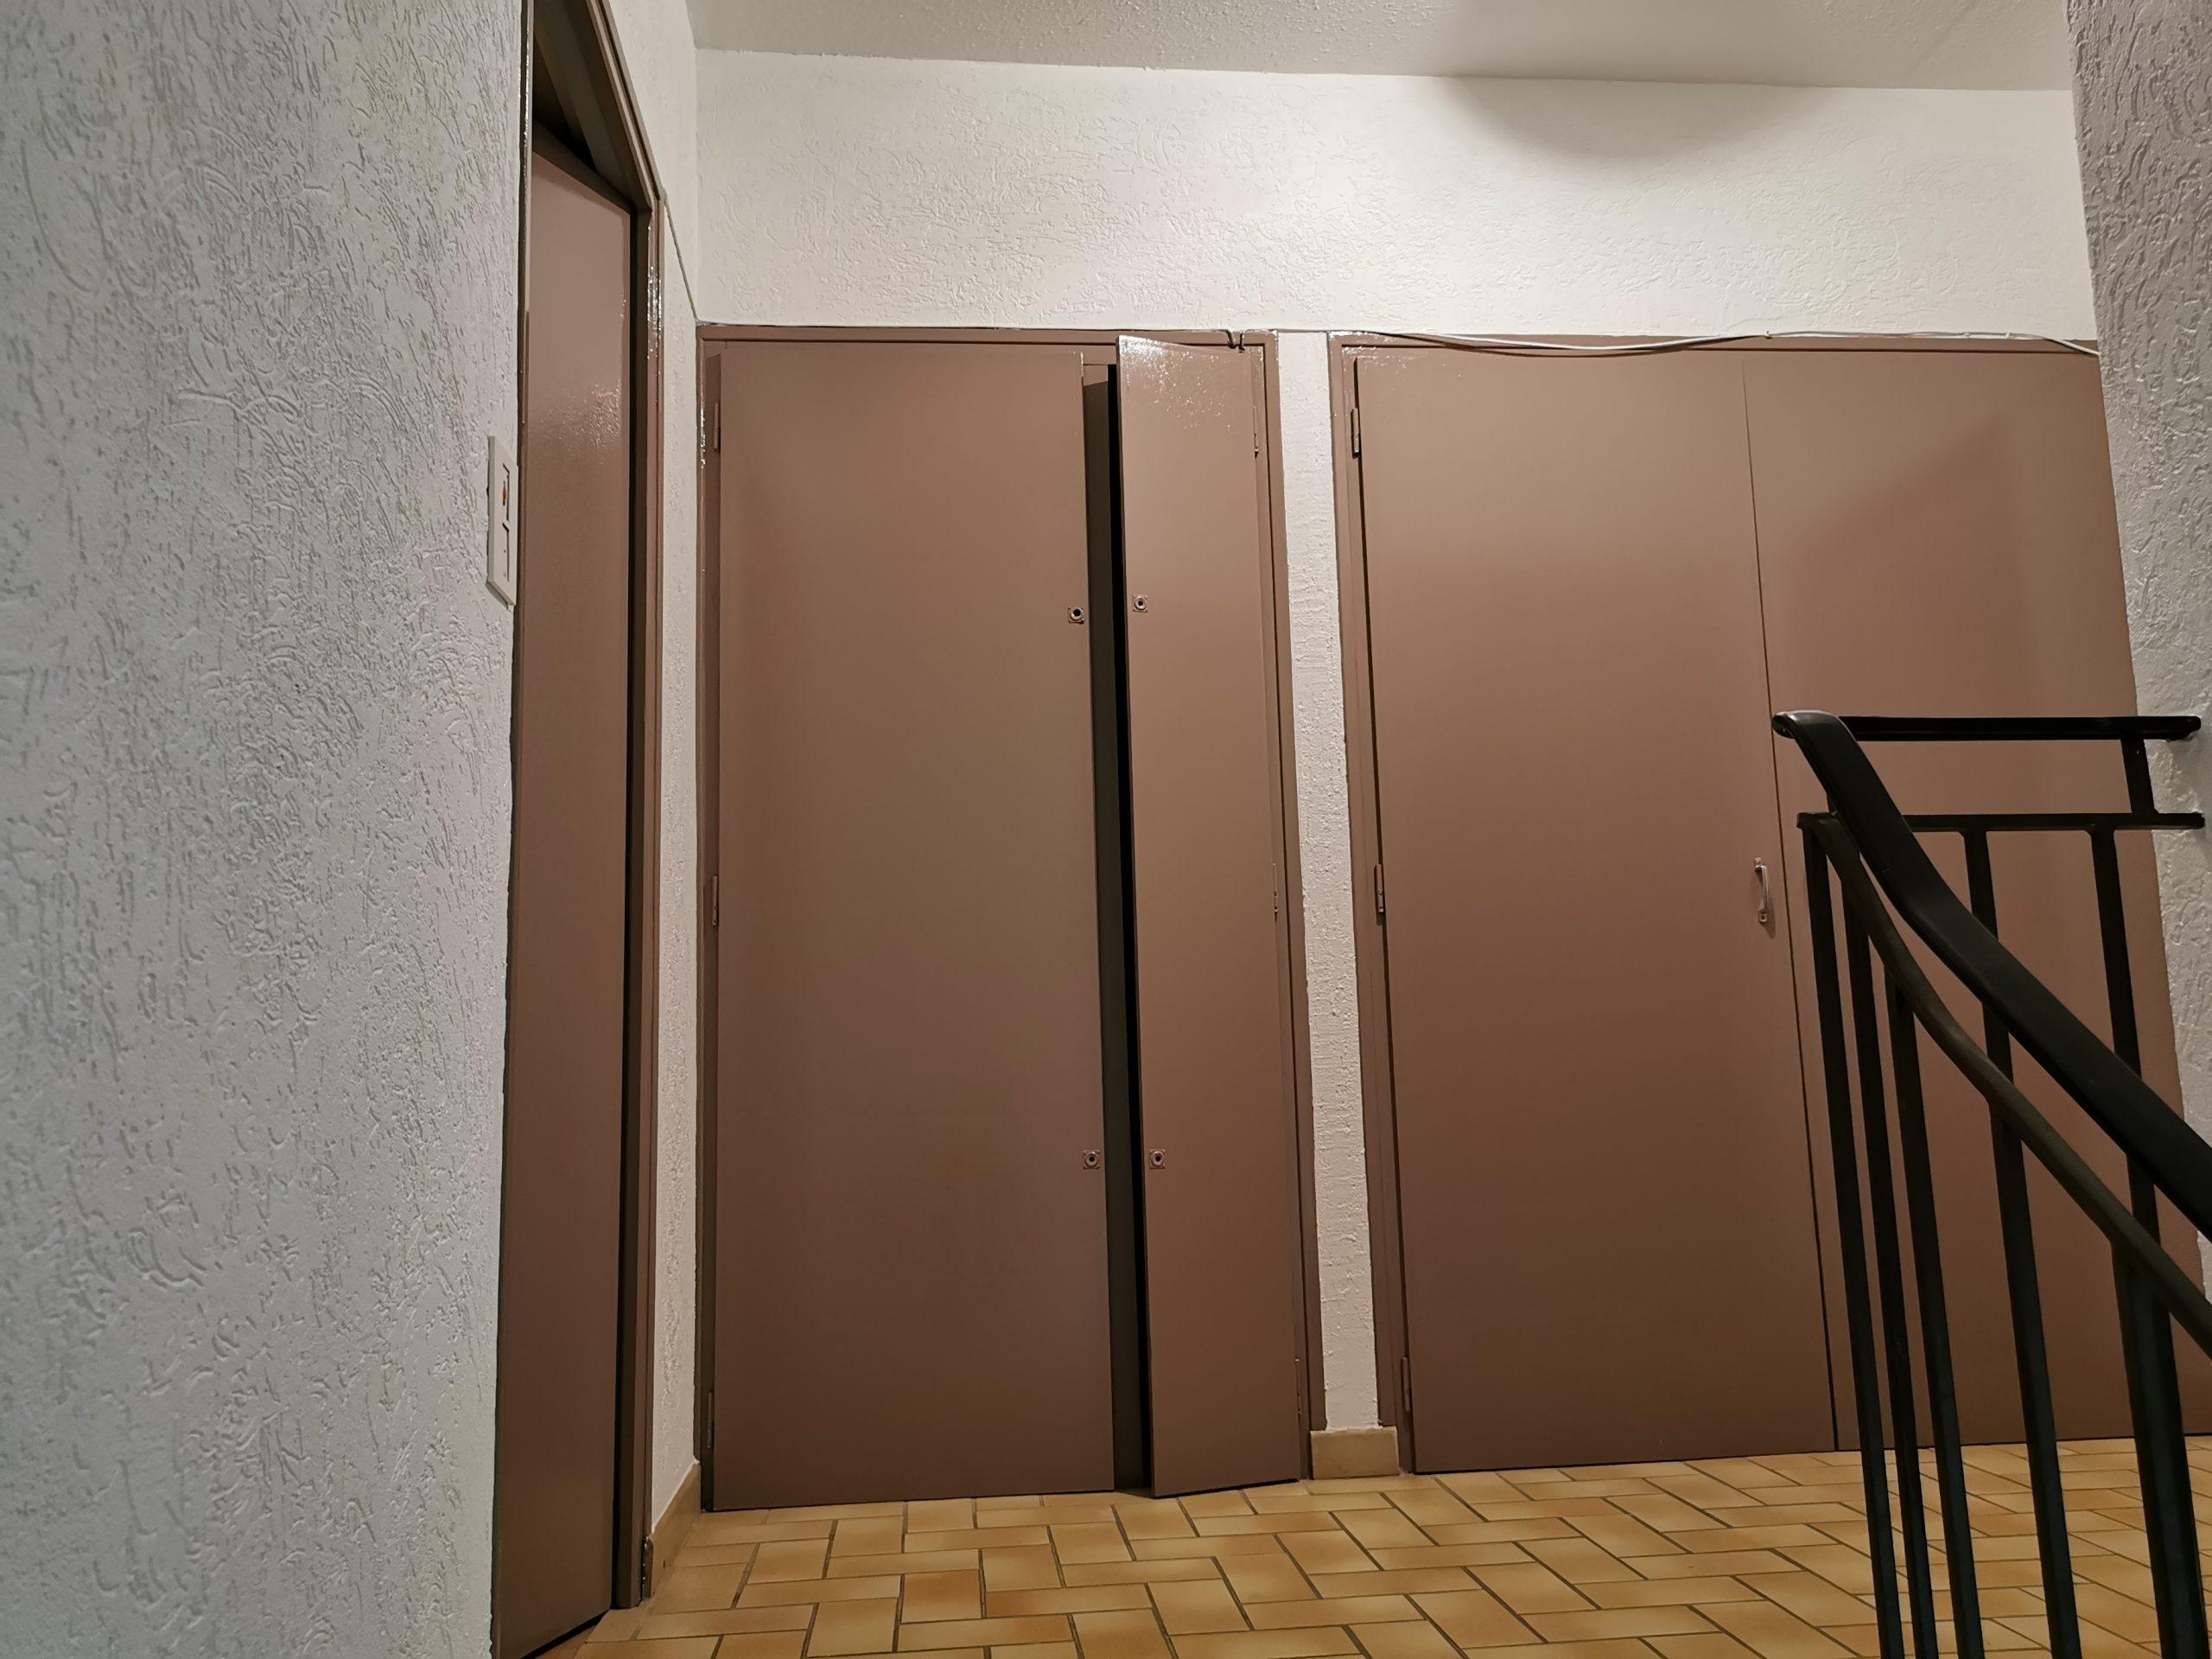 Réfection murs, plafonds et portes d'une montée d'escaliers